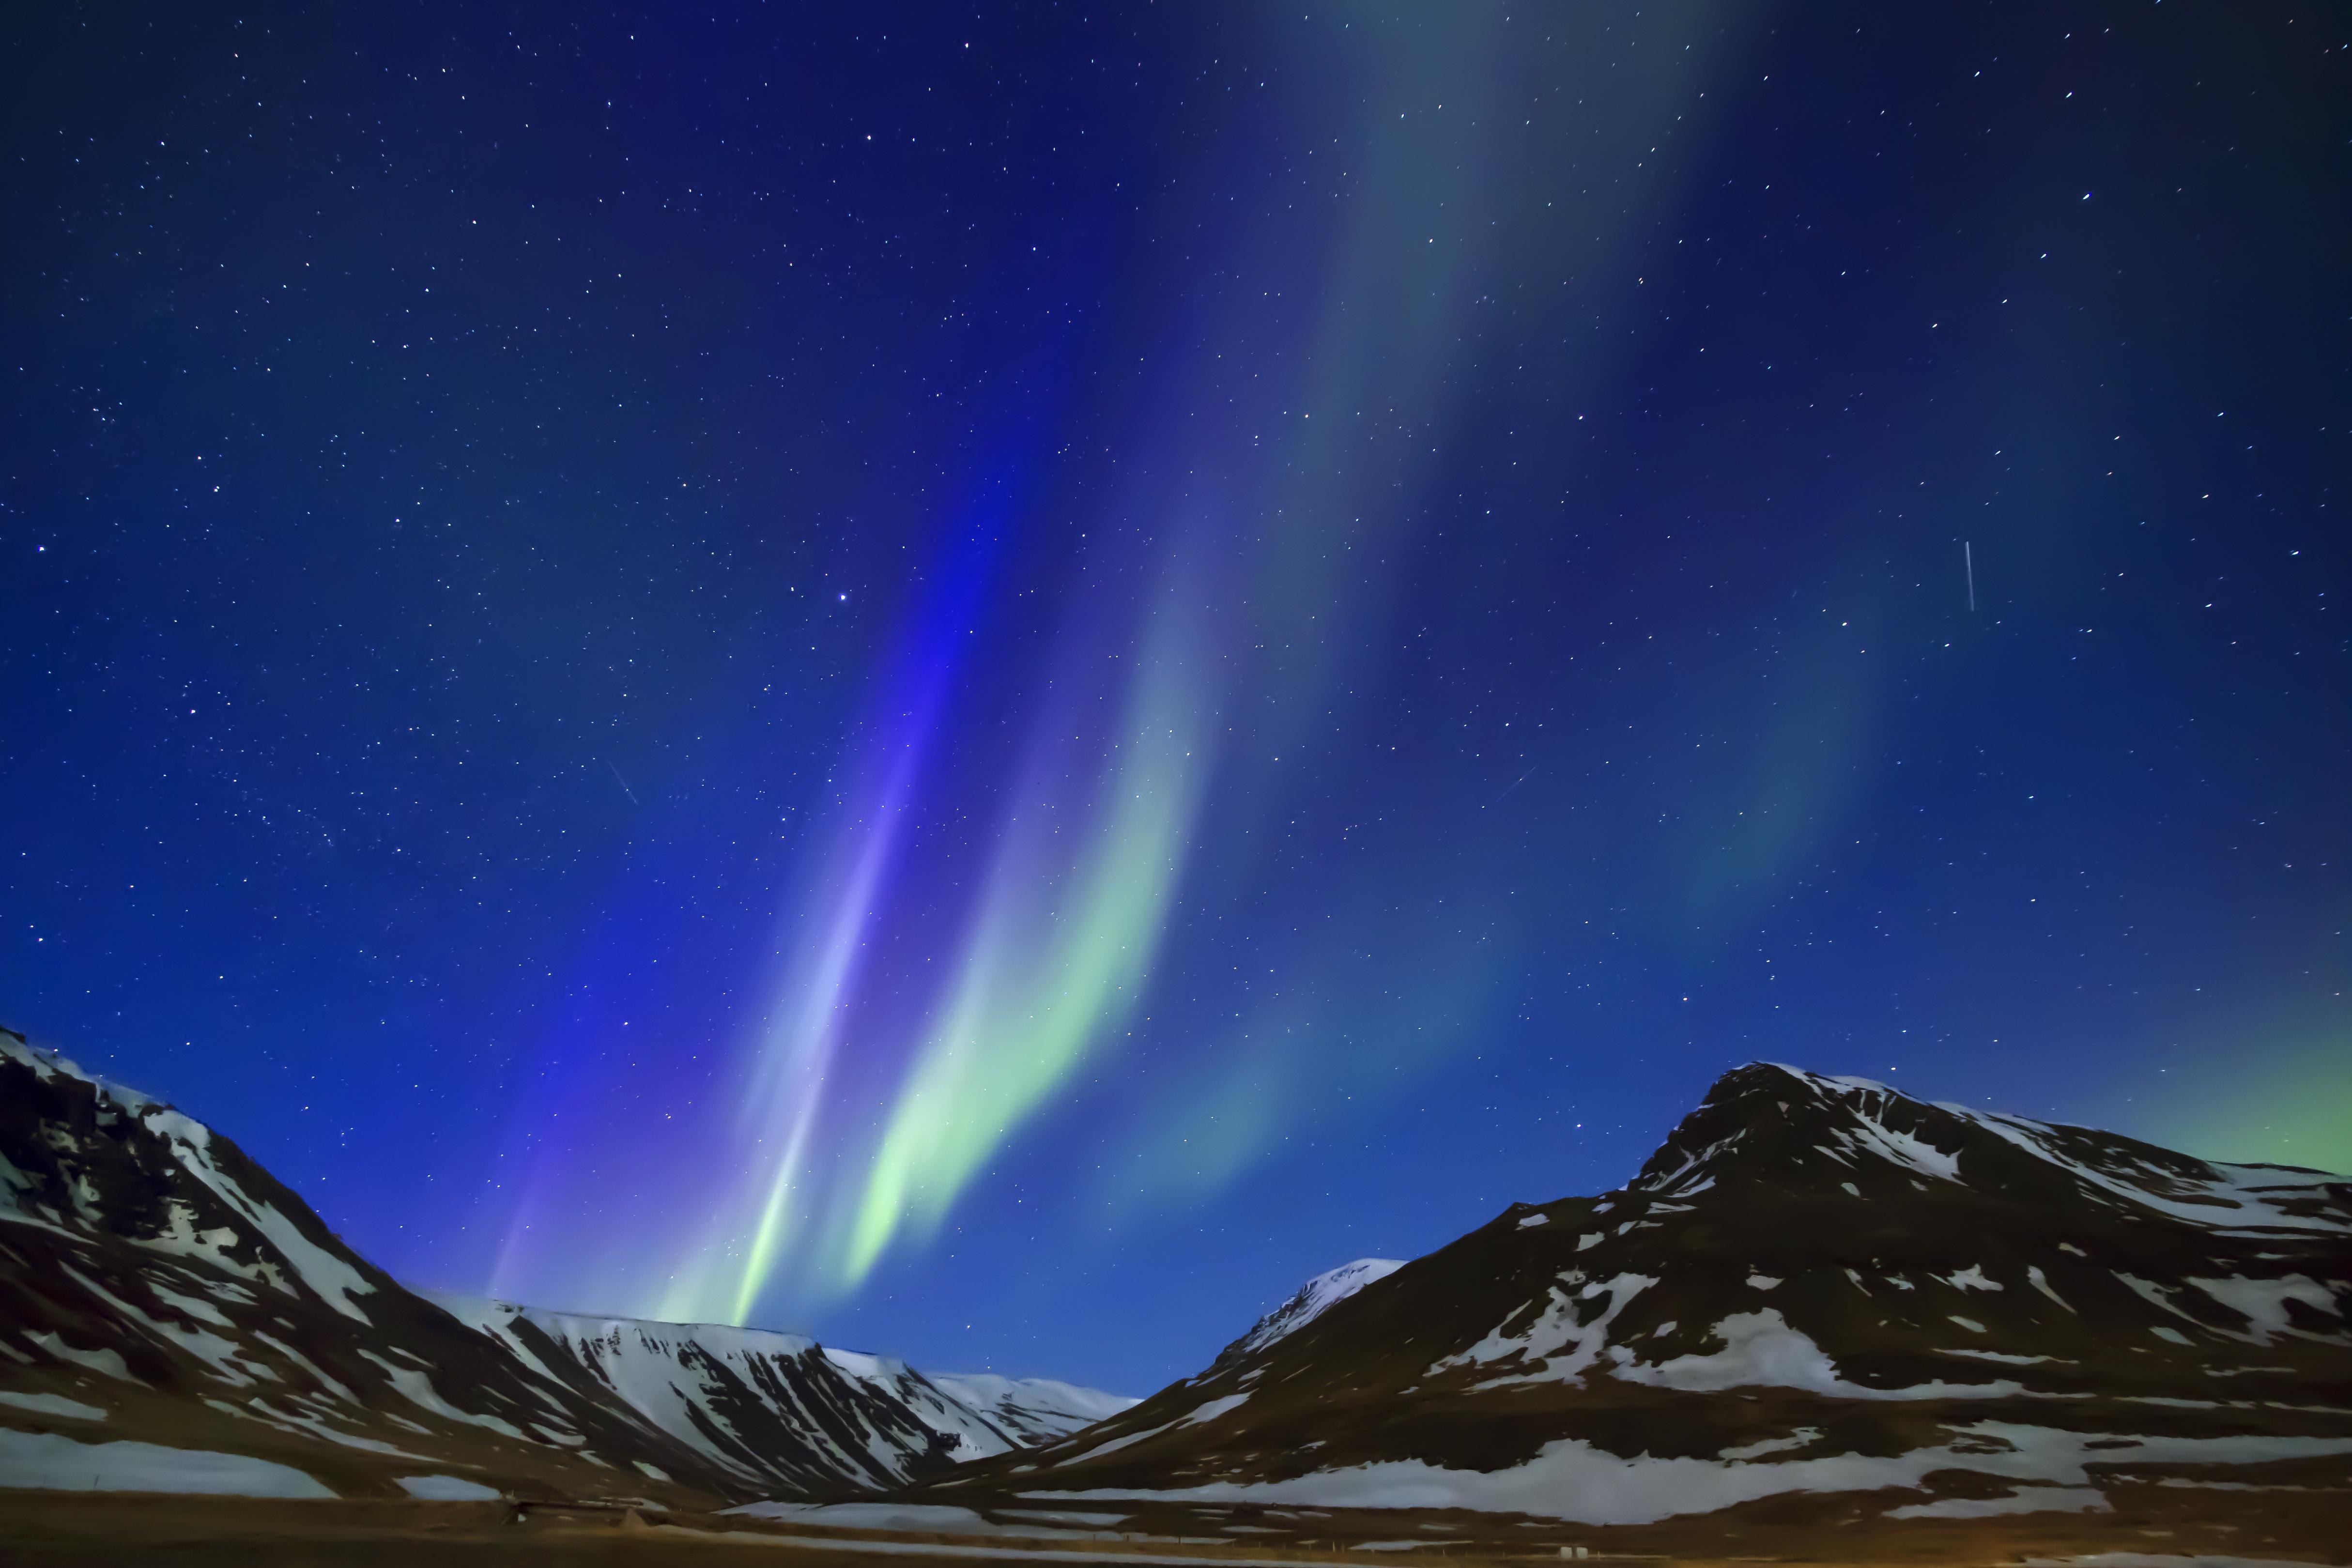 การได้เห็นแสงเหนือในไอซ์แลนด์เป็นประสบการณ์ที่คุณต้องไม่อยากพลาด